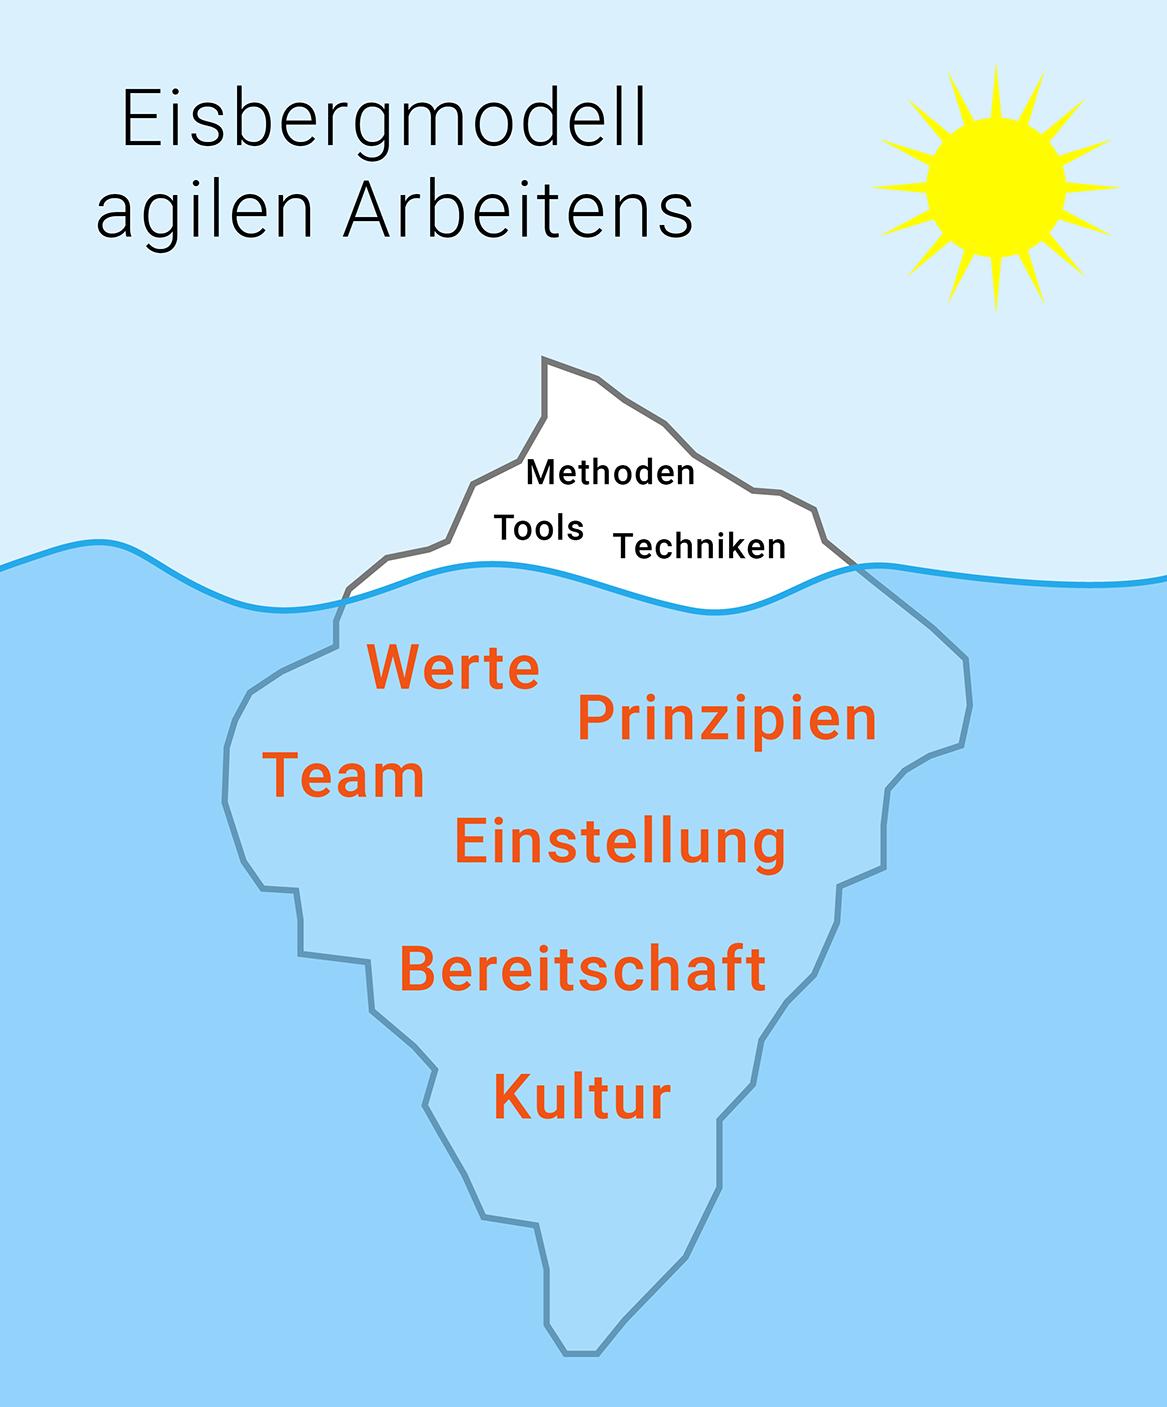 Eisbergmodell agilen Arbeitens